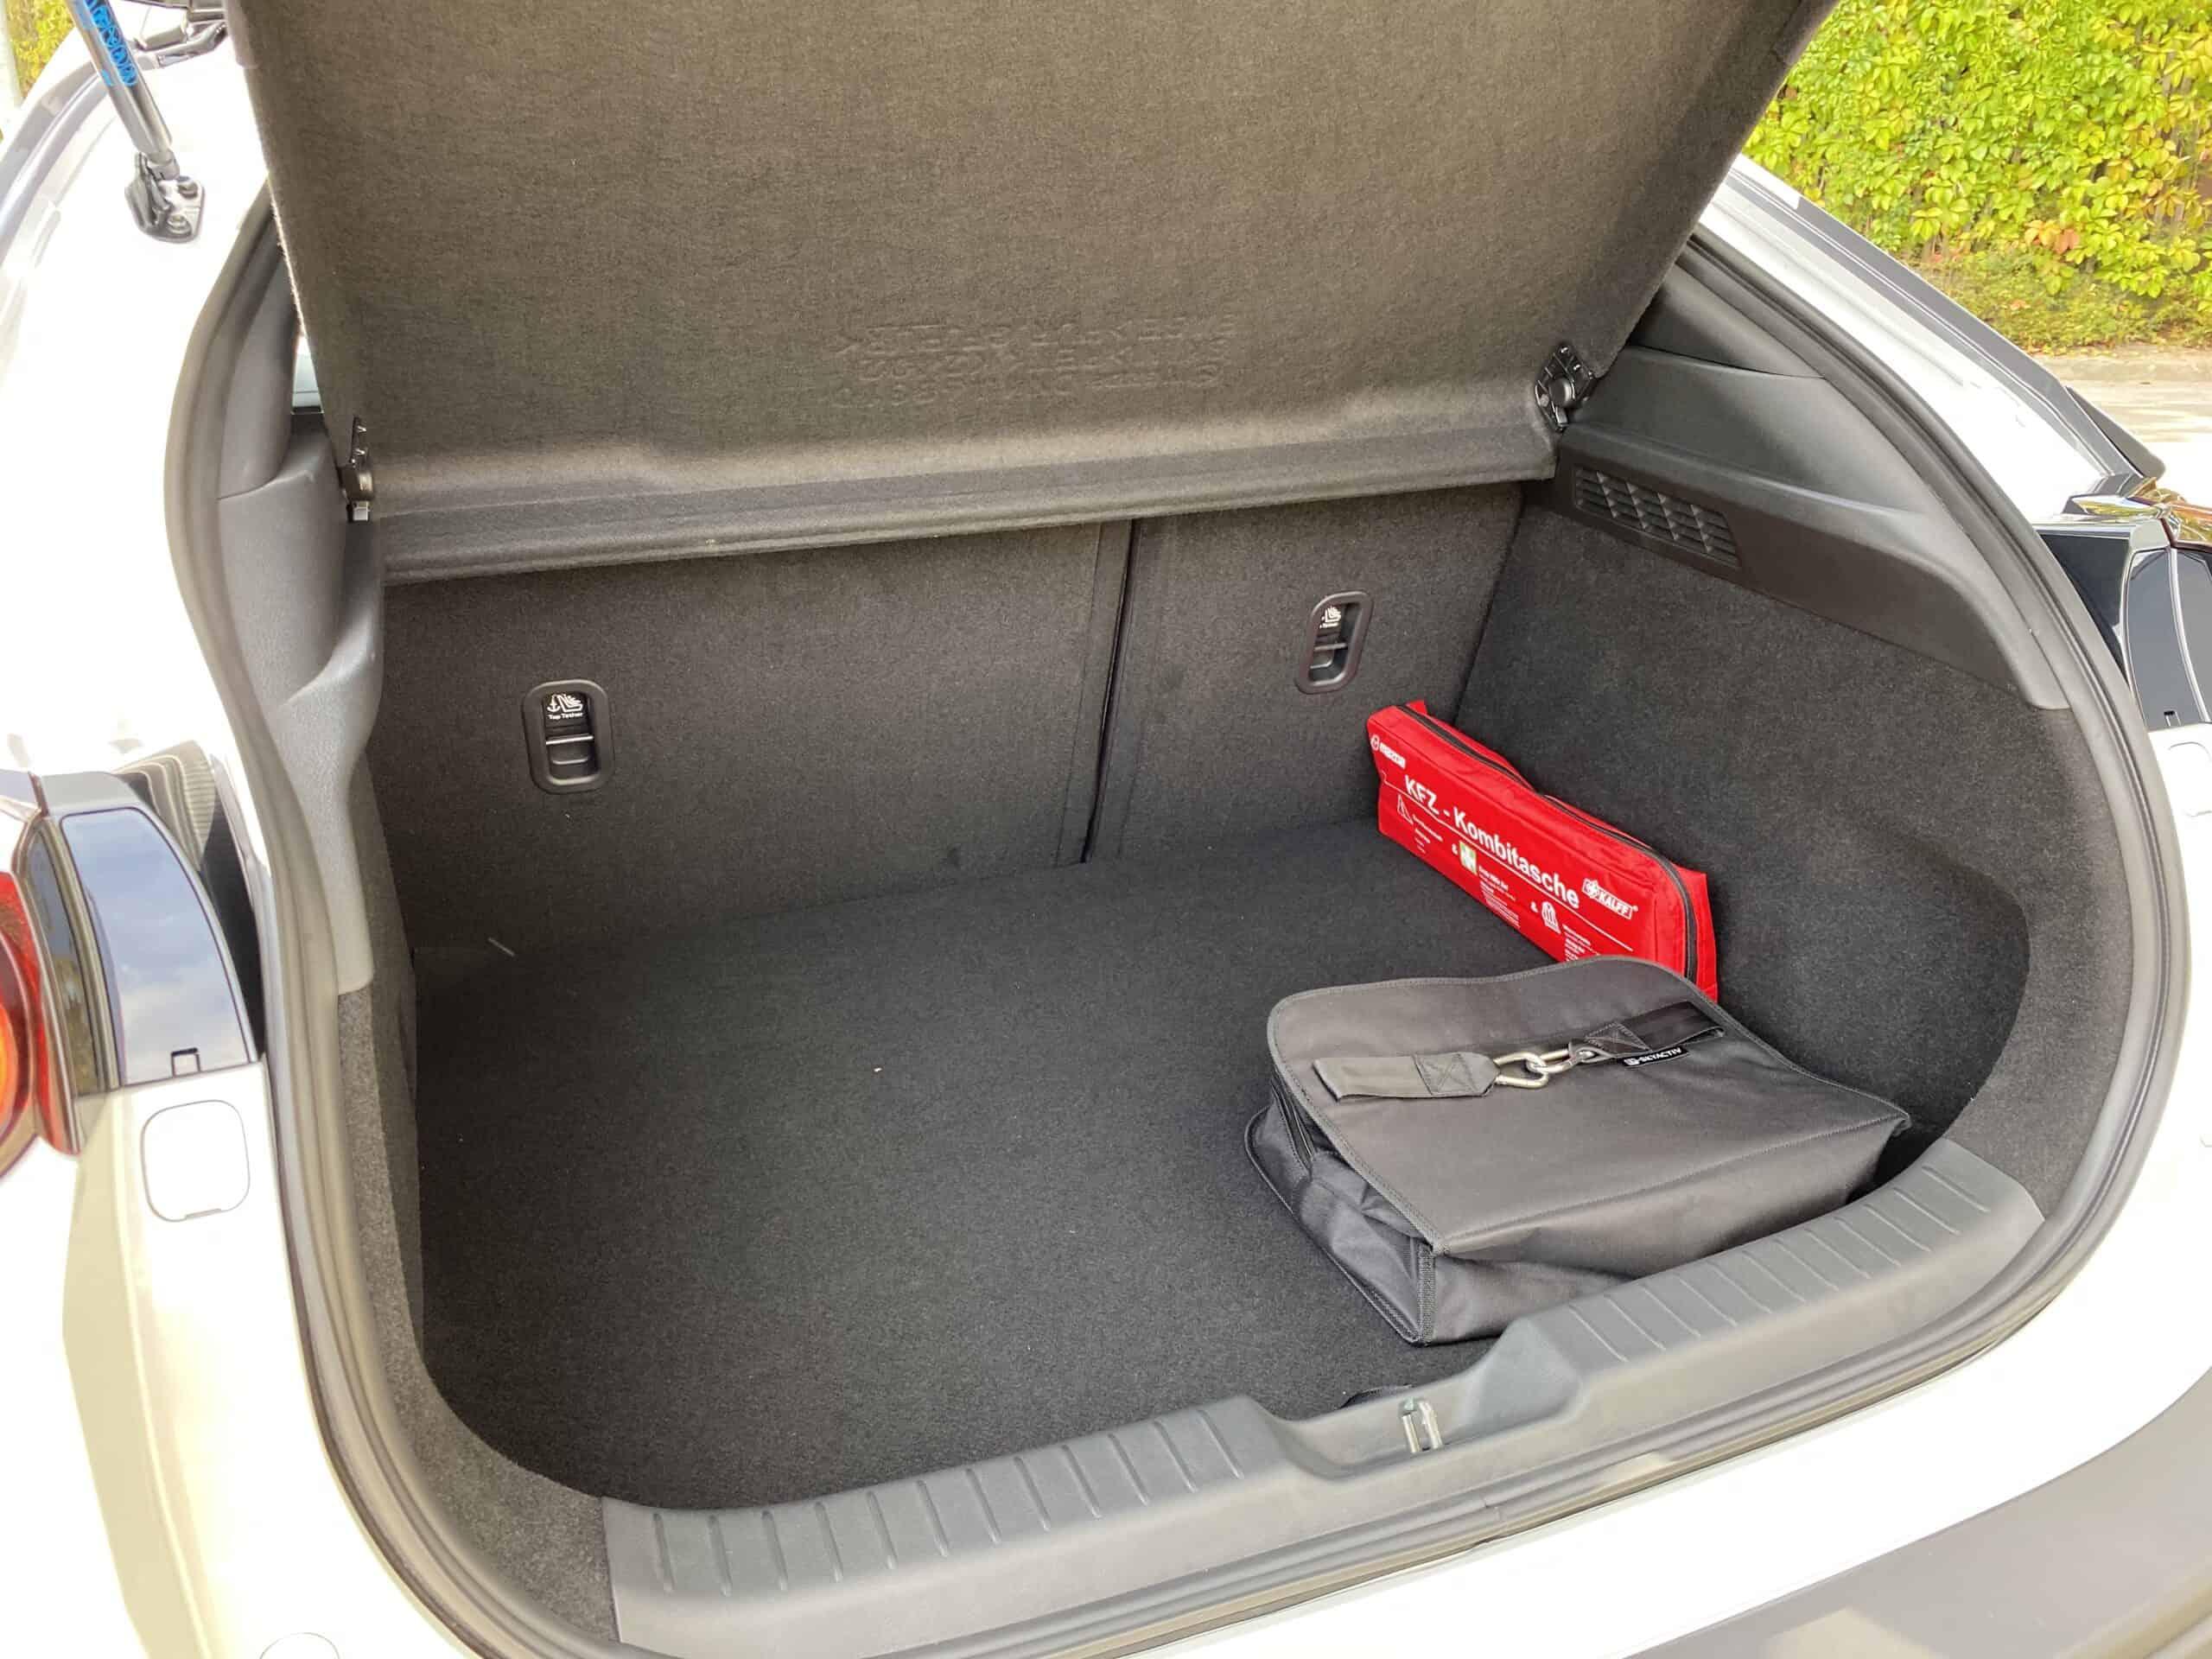 Neuer Mazda MX-30 (145 PS) - Kleiner Akku, großer Erfolg? Preise ab 23.645€?!, Kofferraum